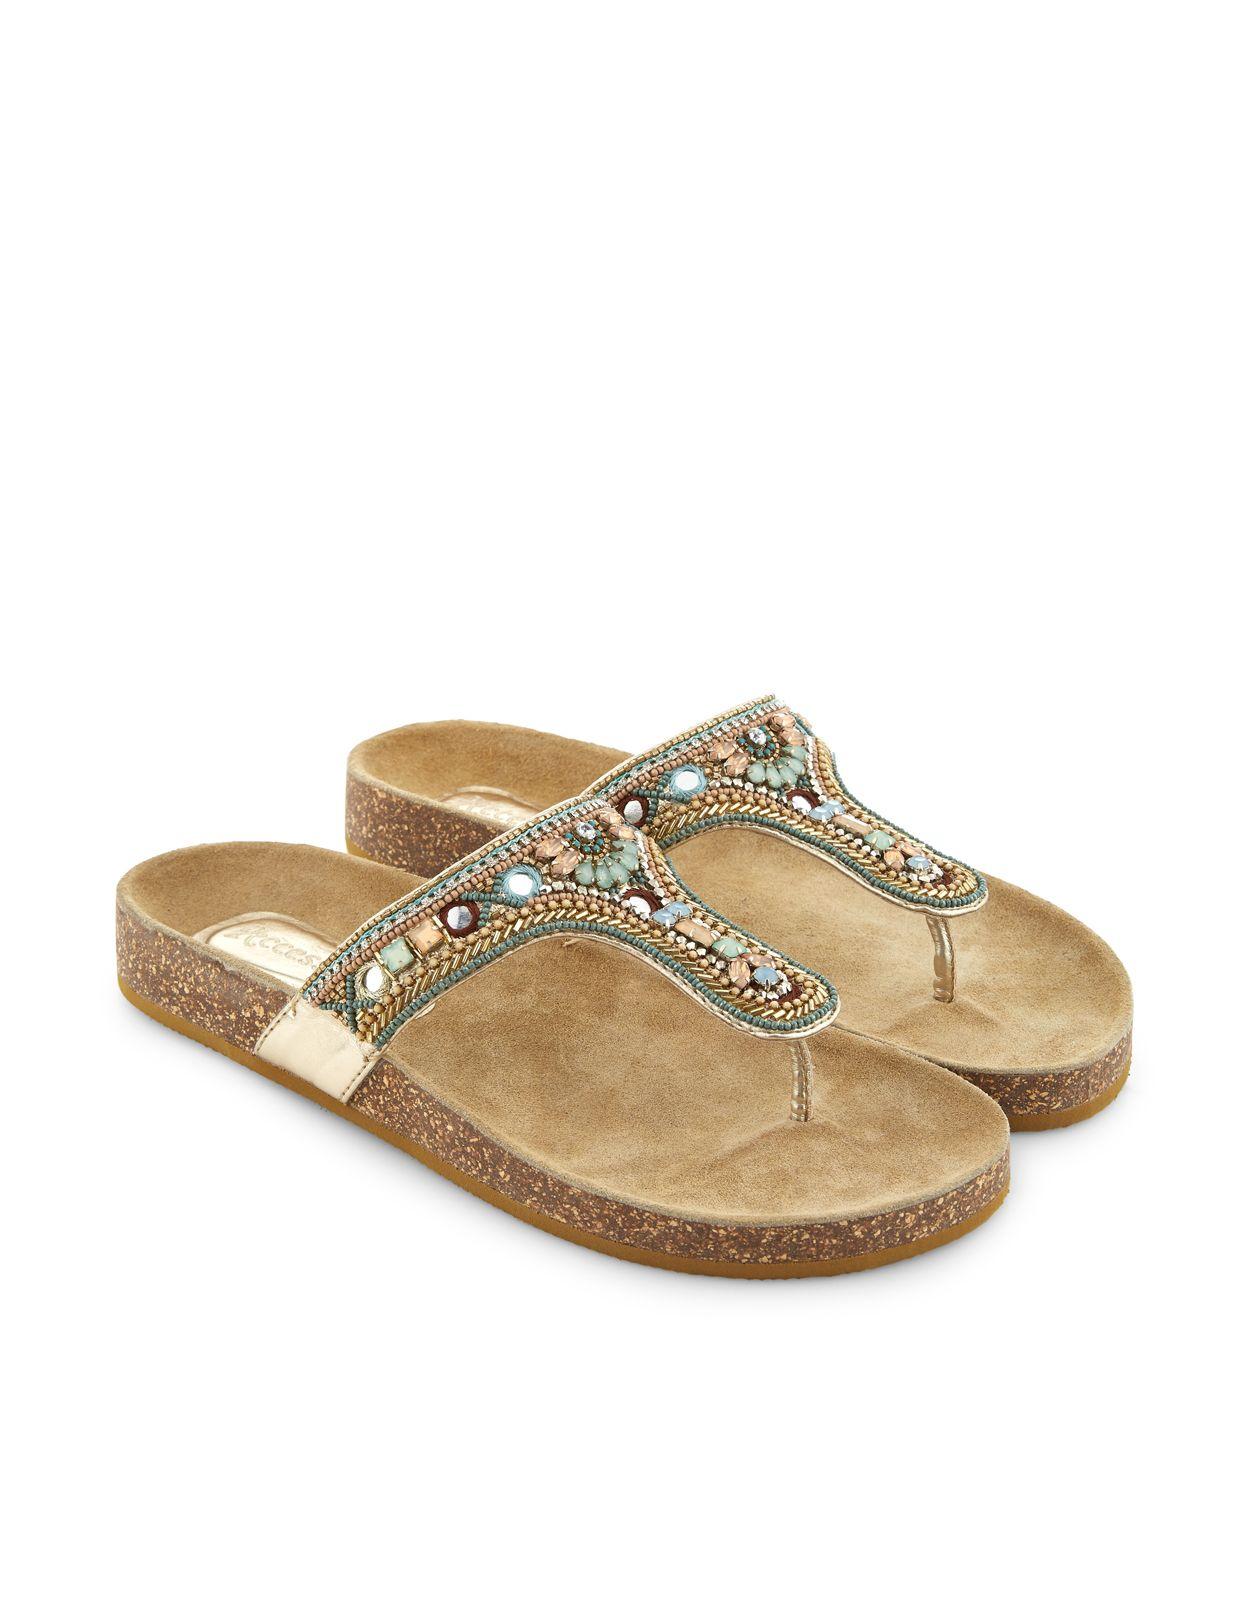 caa336505 Freya Embellished Footbed Sandals